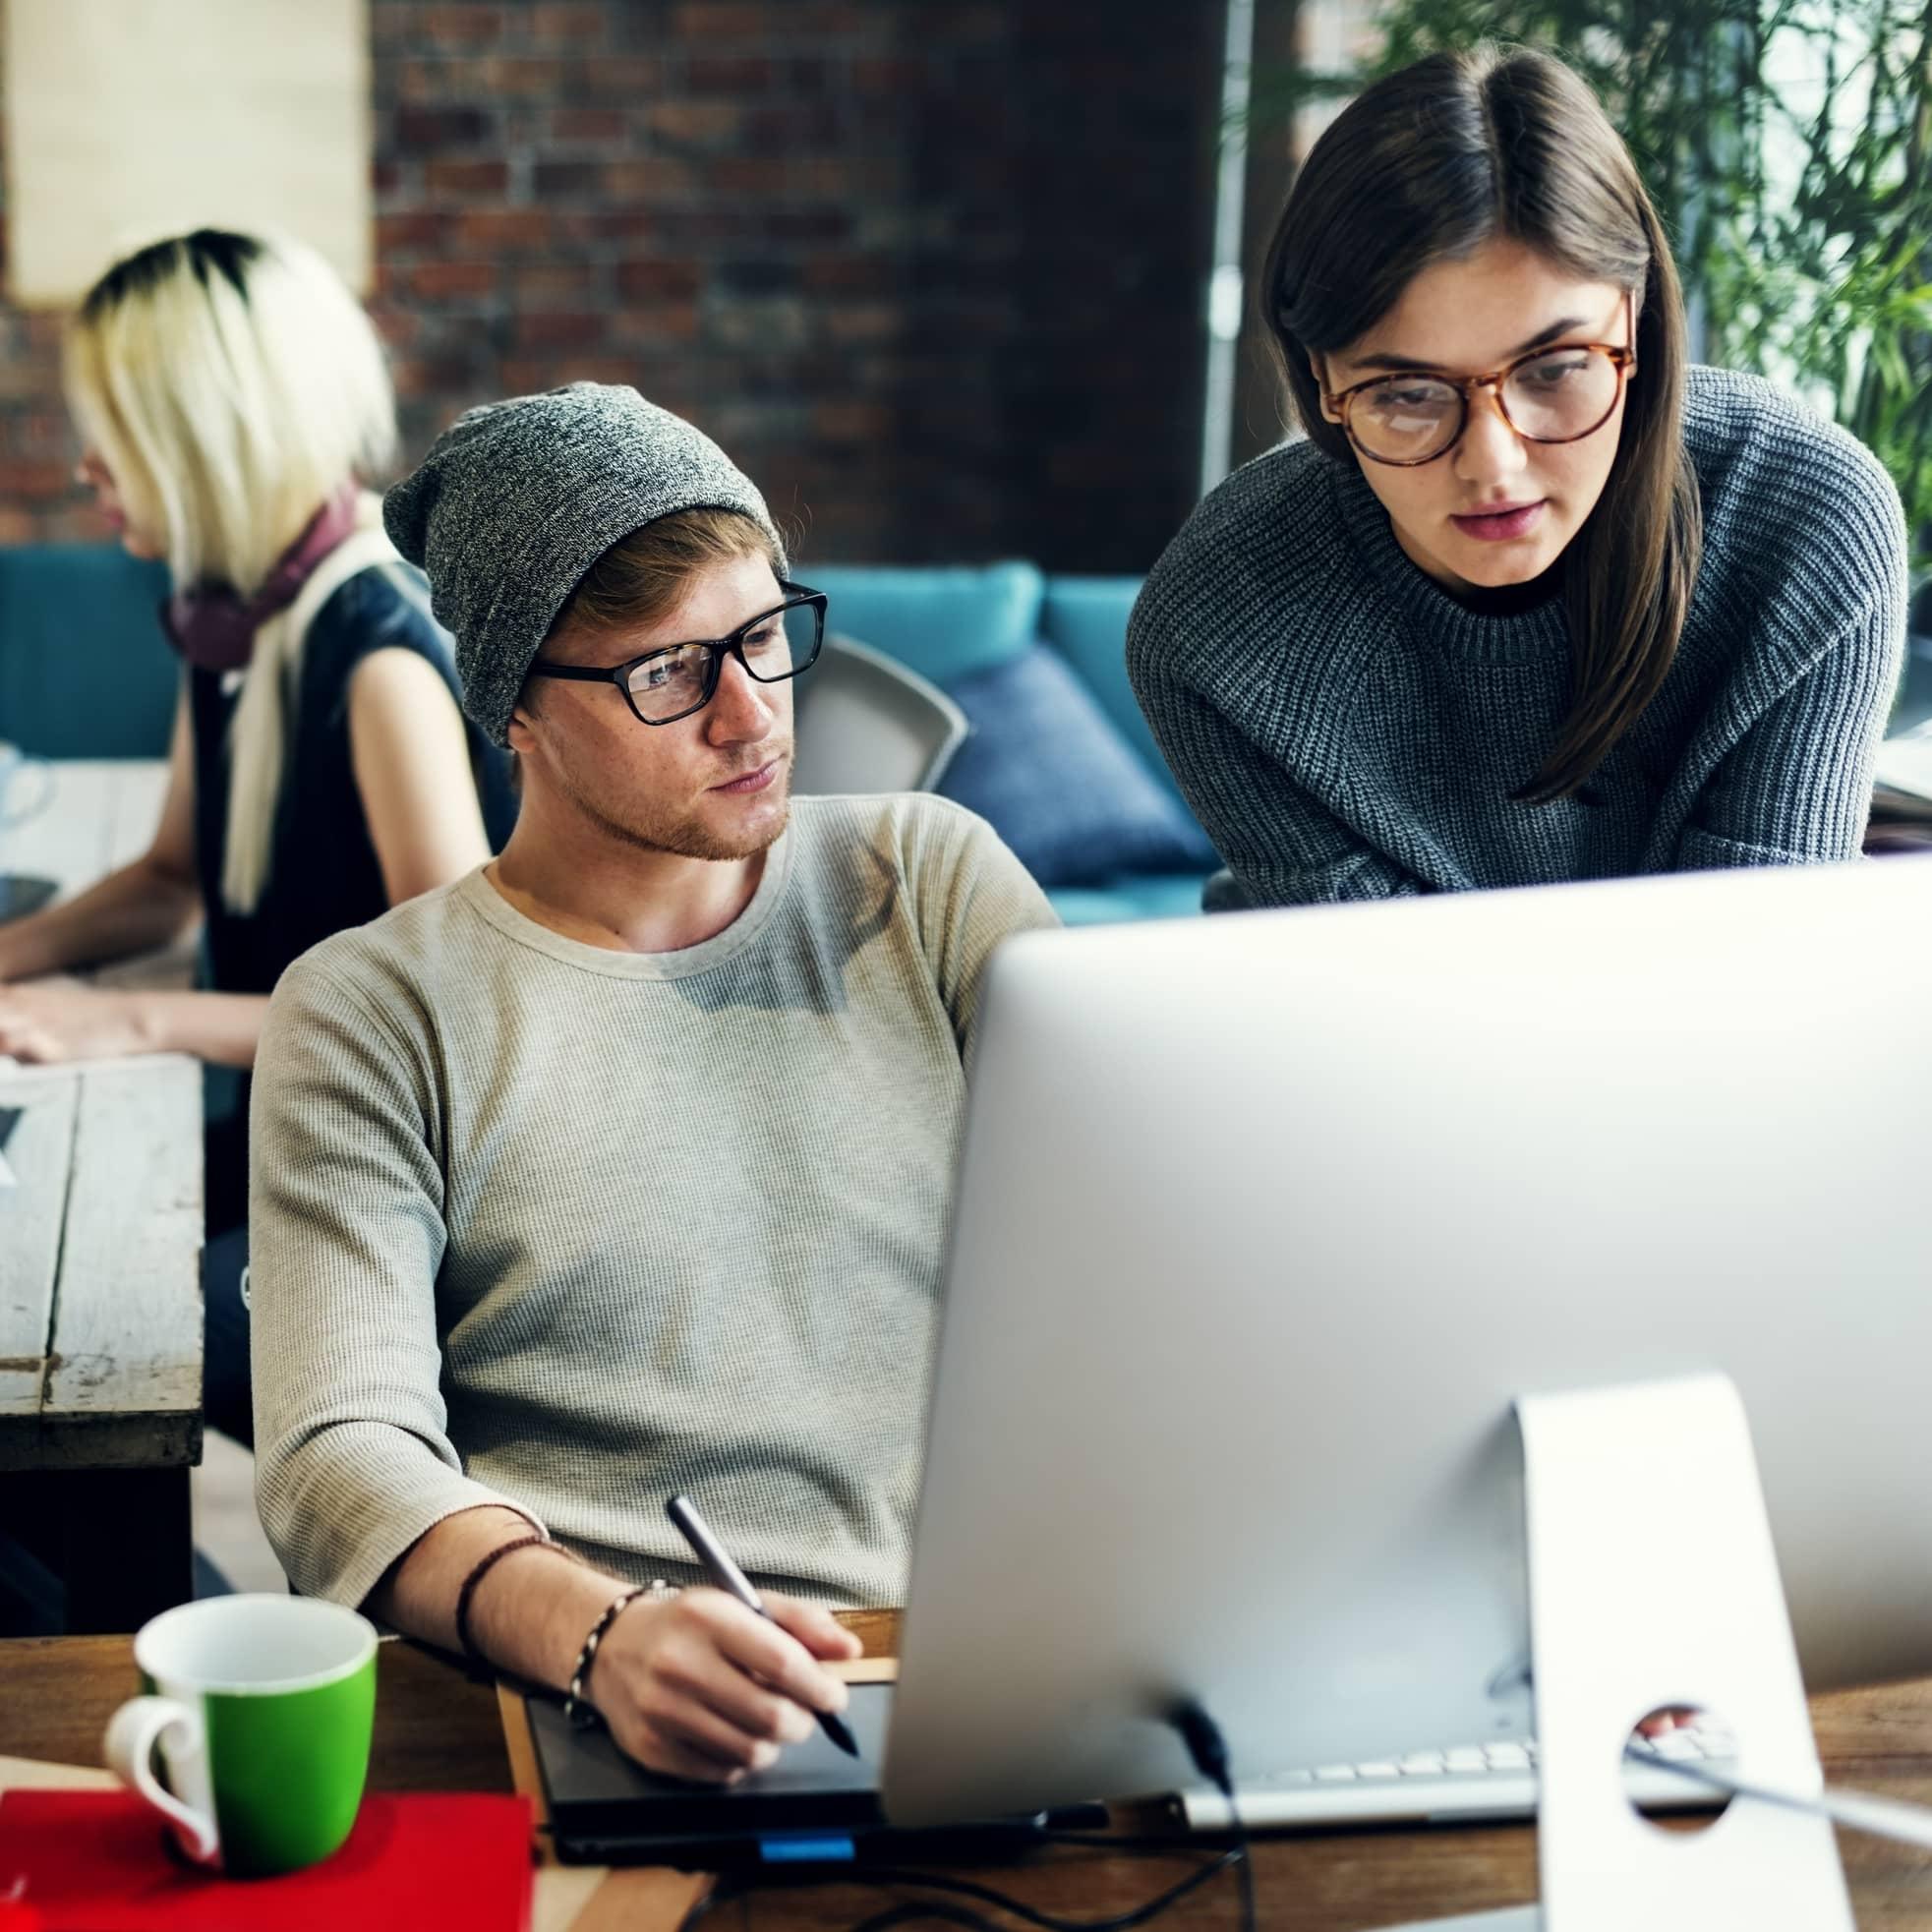 Étudiants sur l'ordinateur